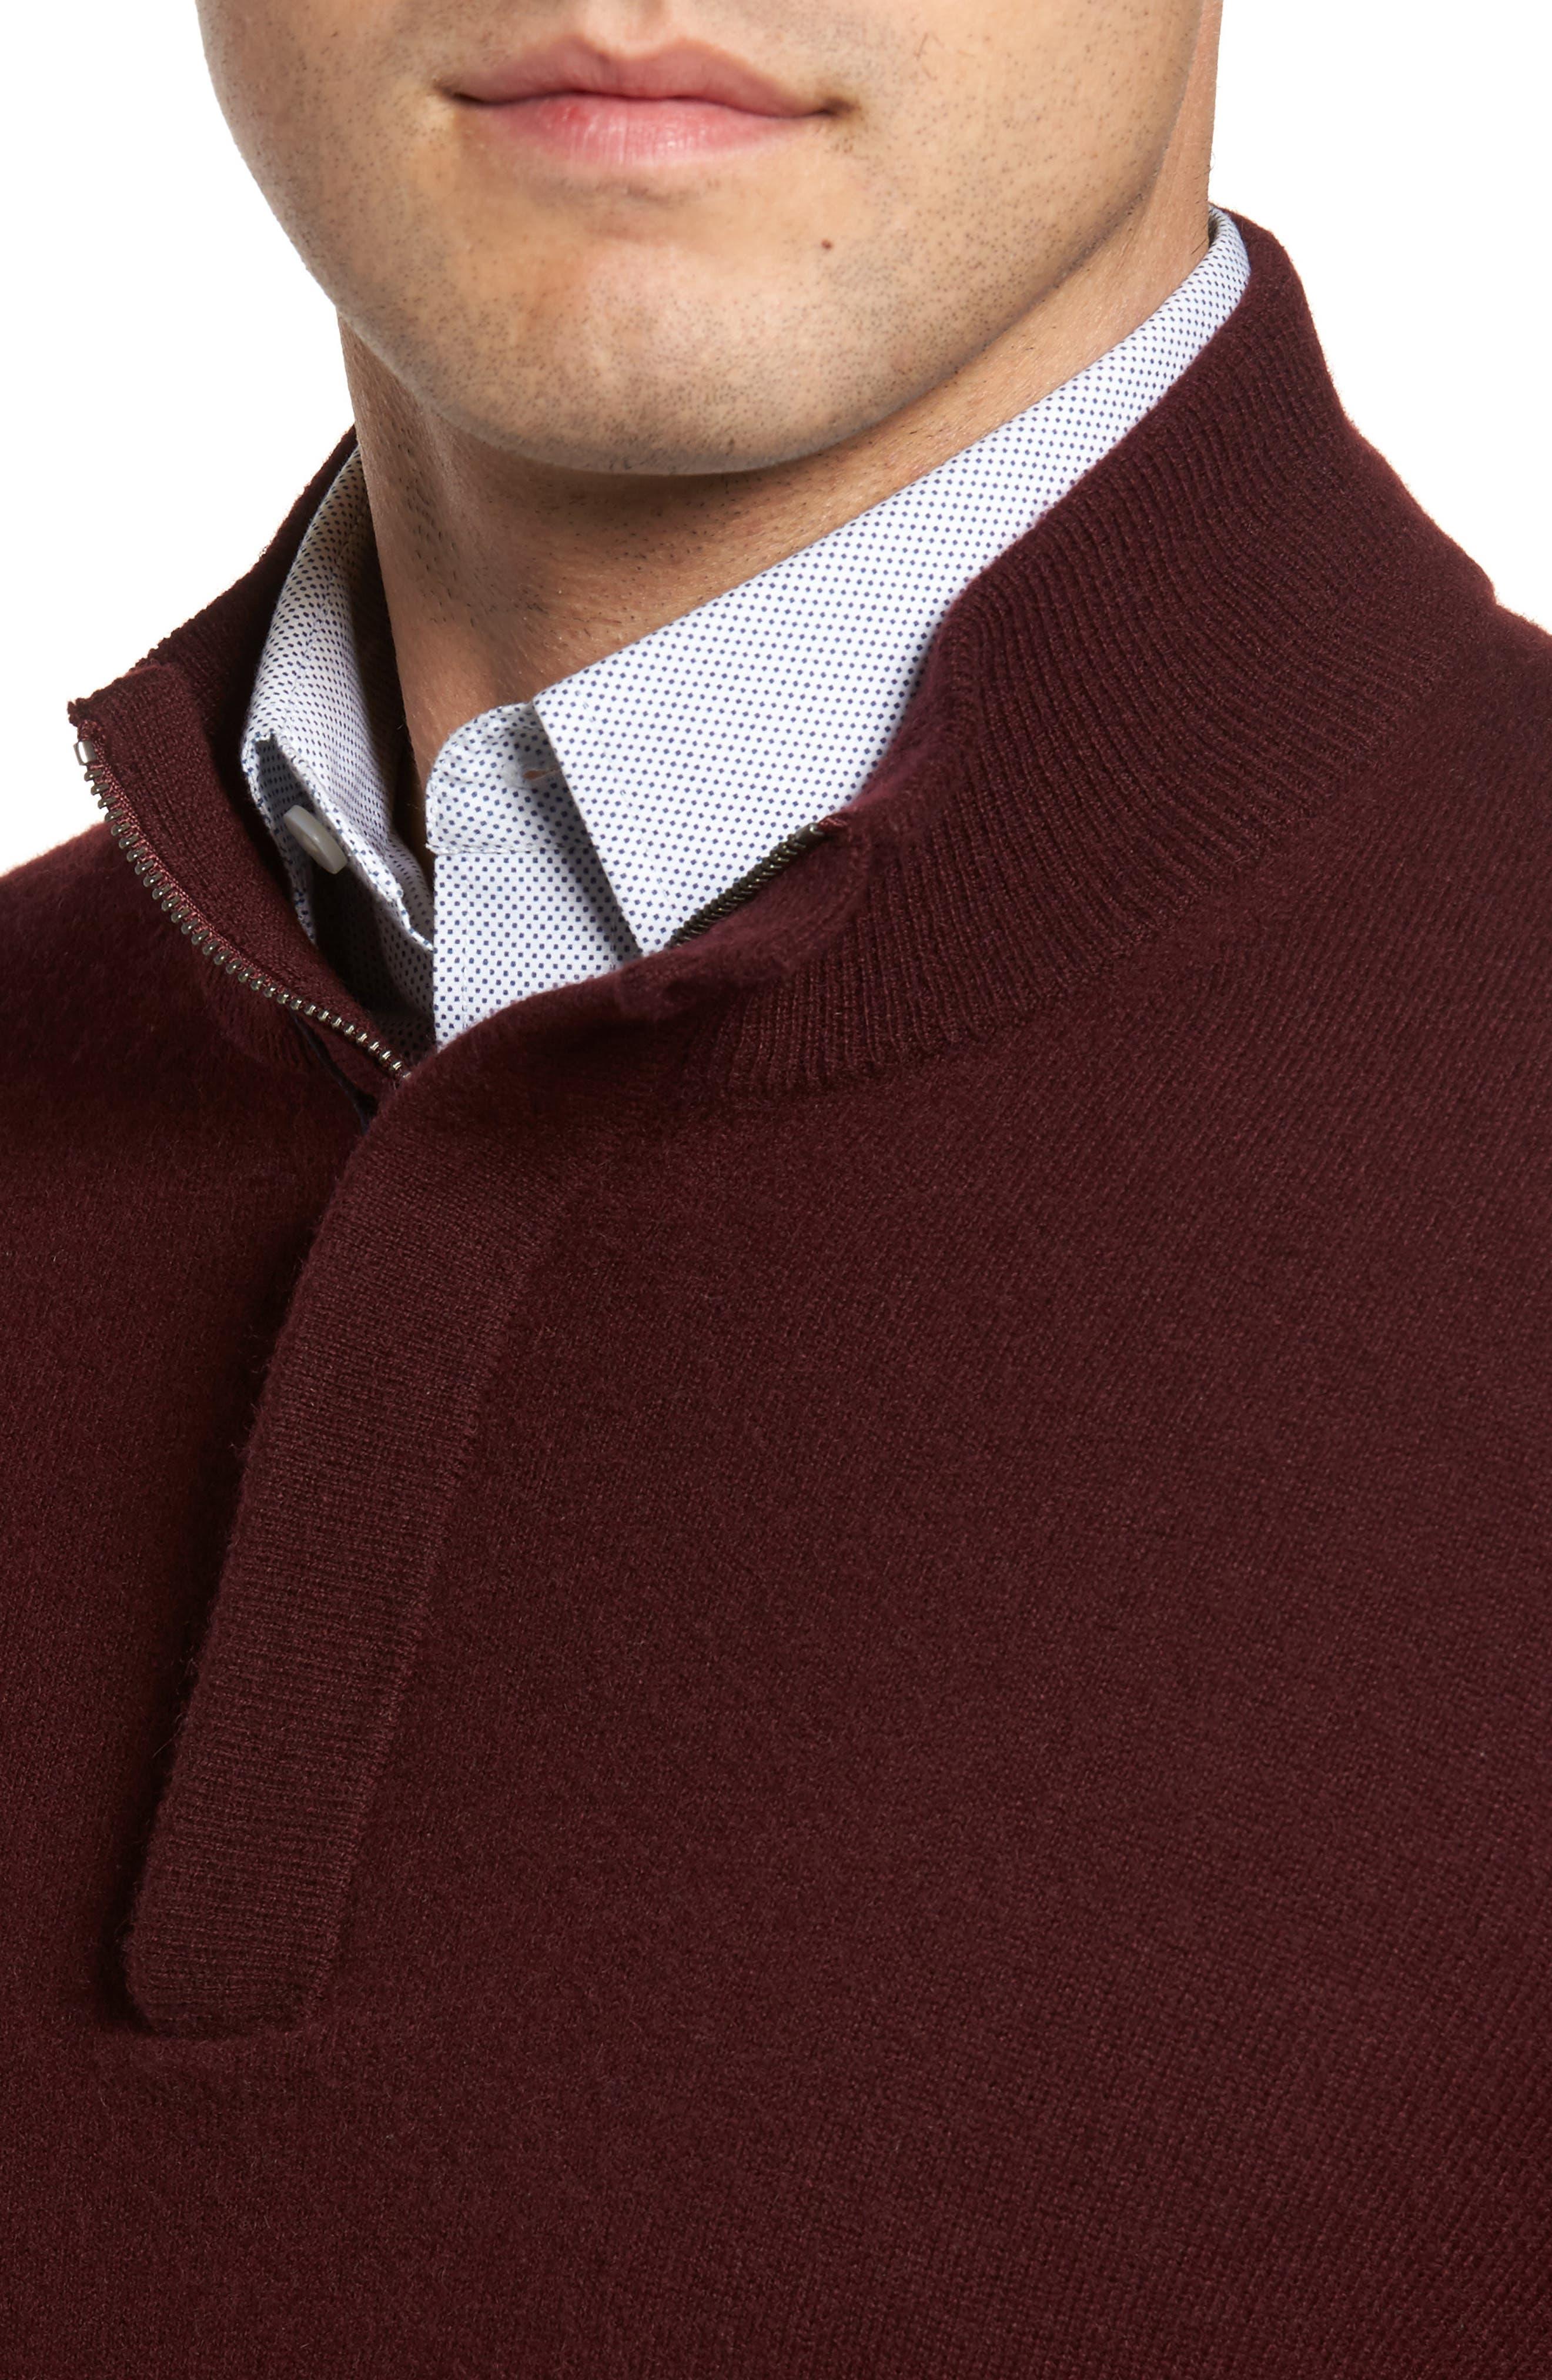 Cashmere Quarter Zip Sweater,                             Alternate thumbnail 24, color,